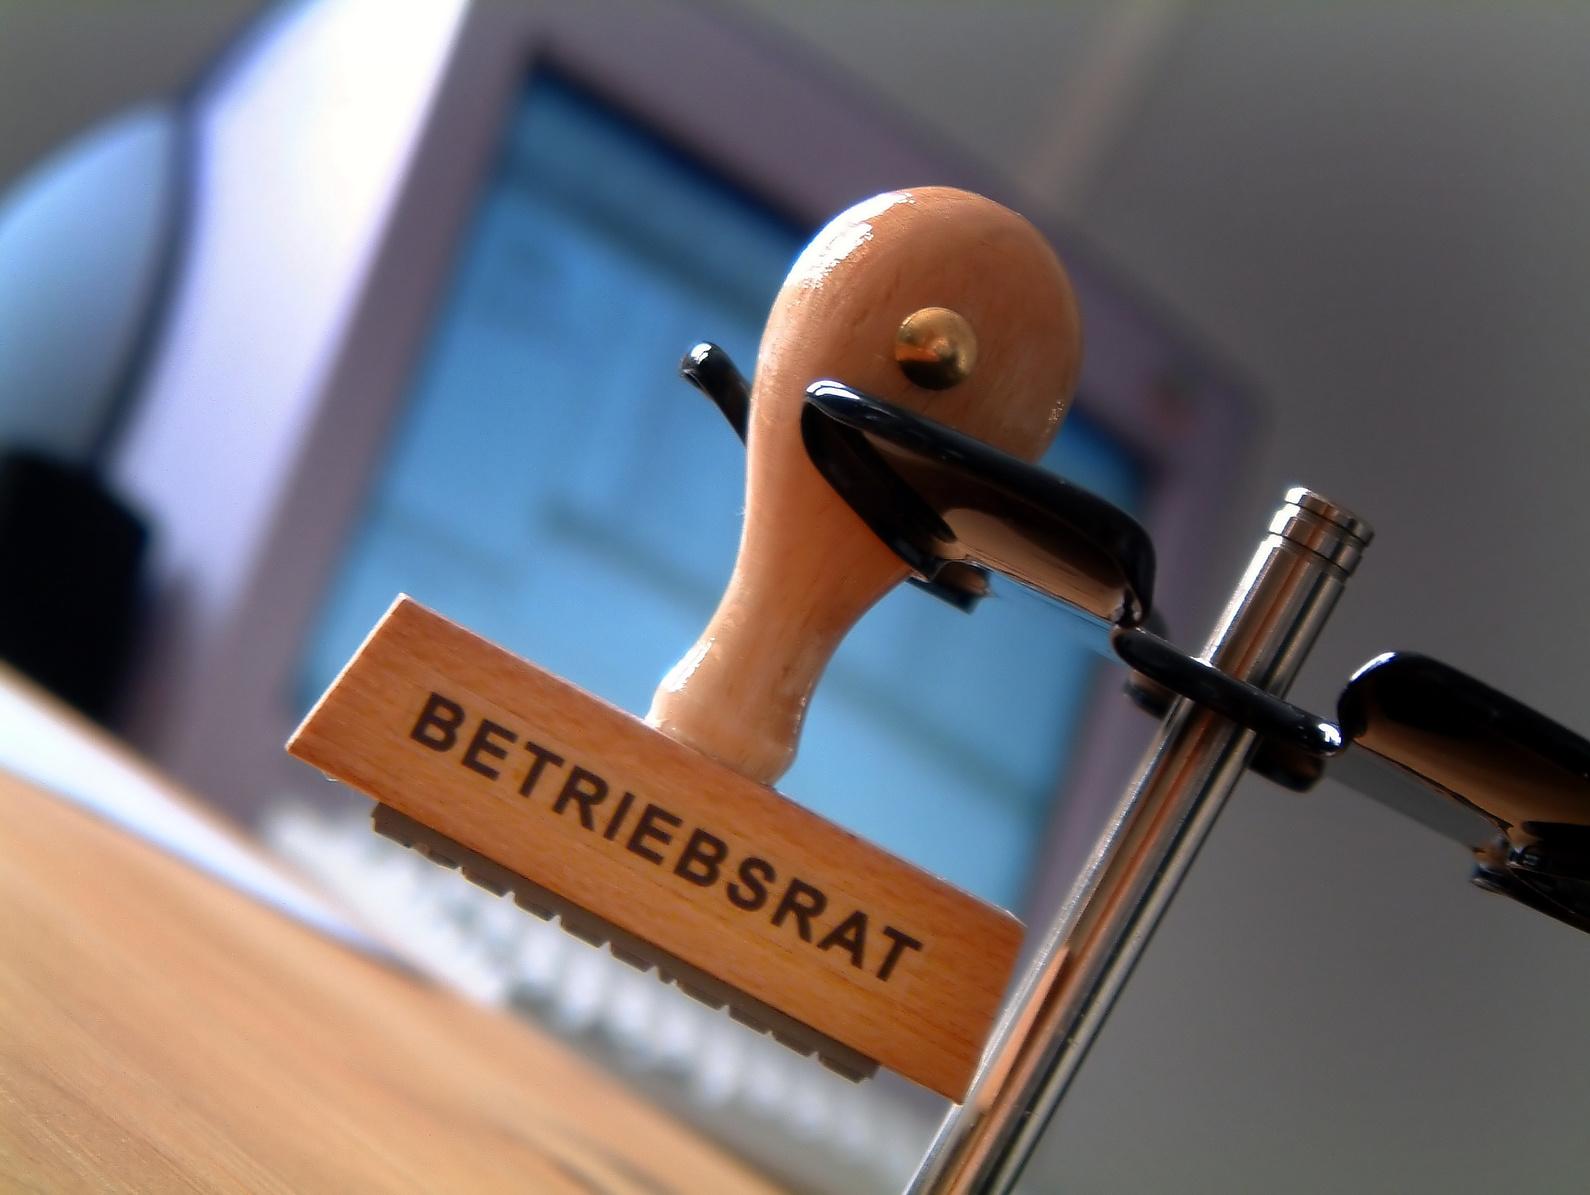 """Betriebsrat – """"Interessenvertretung für Arbeitnehmer"""""""